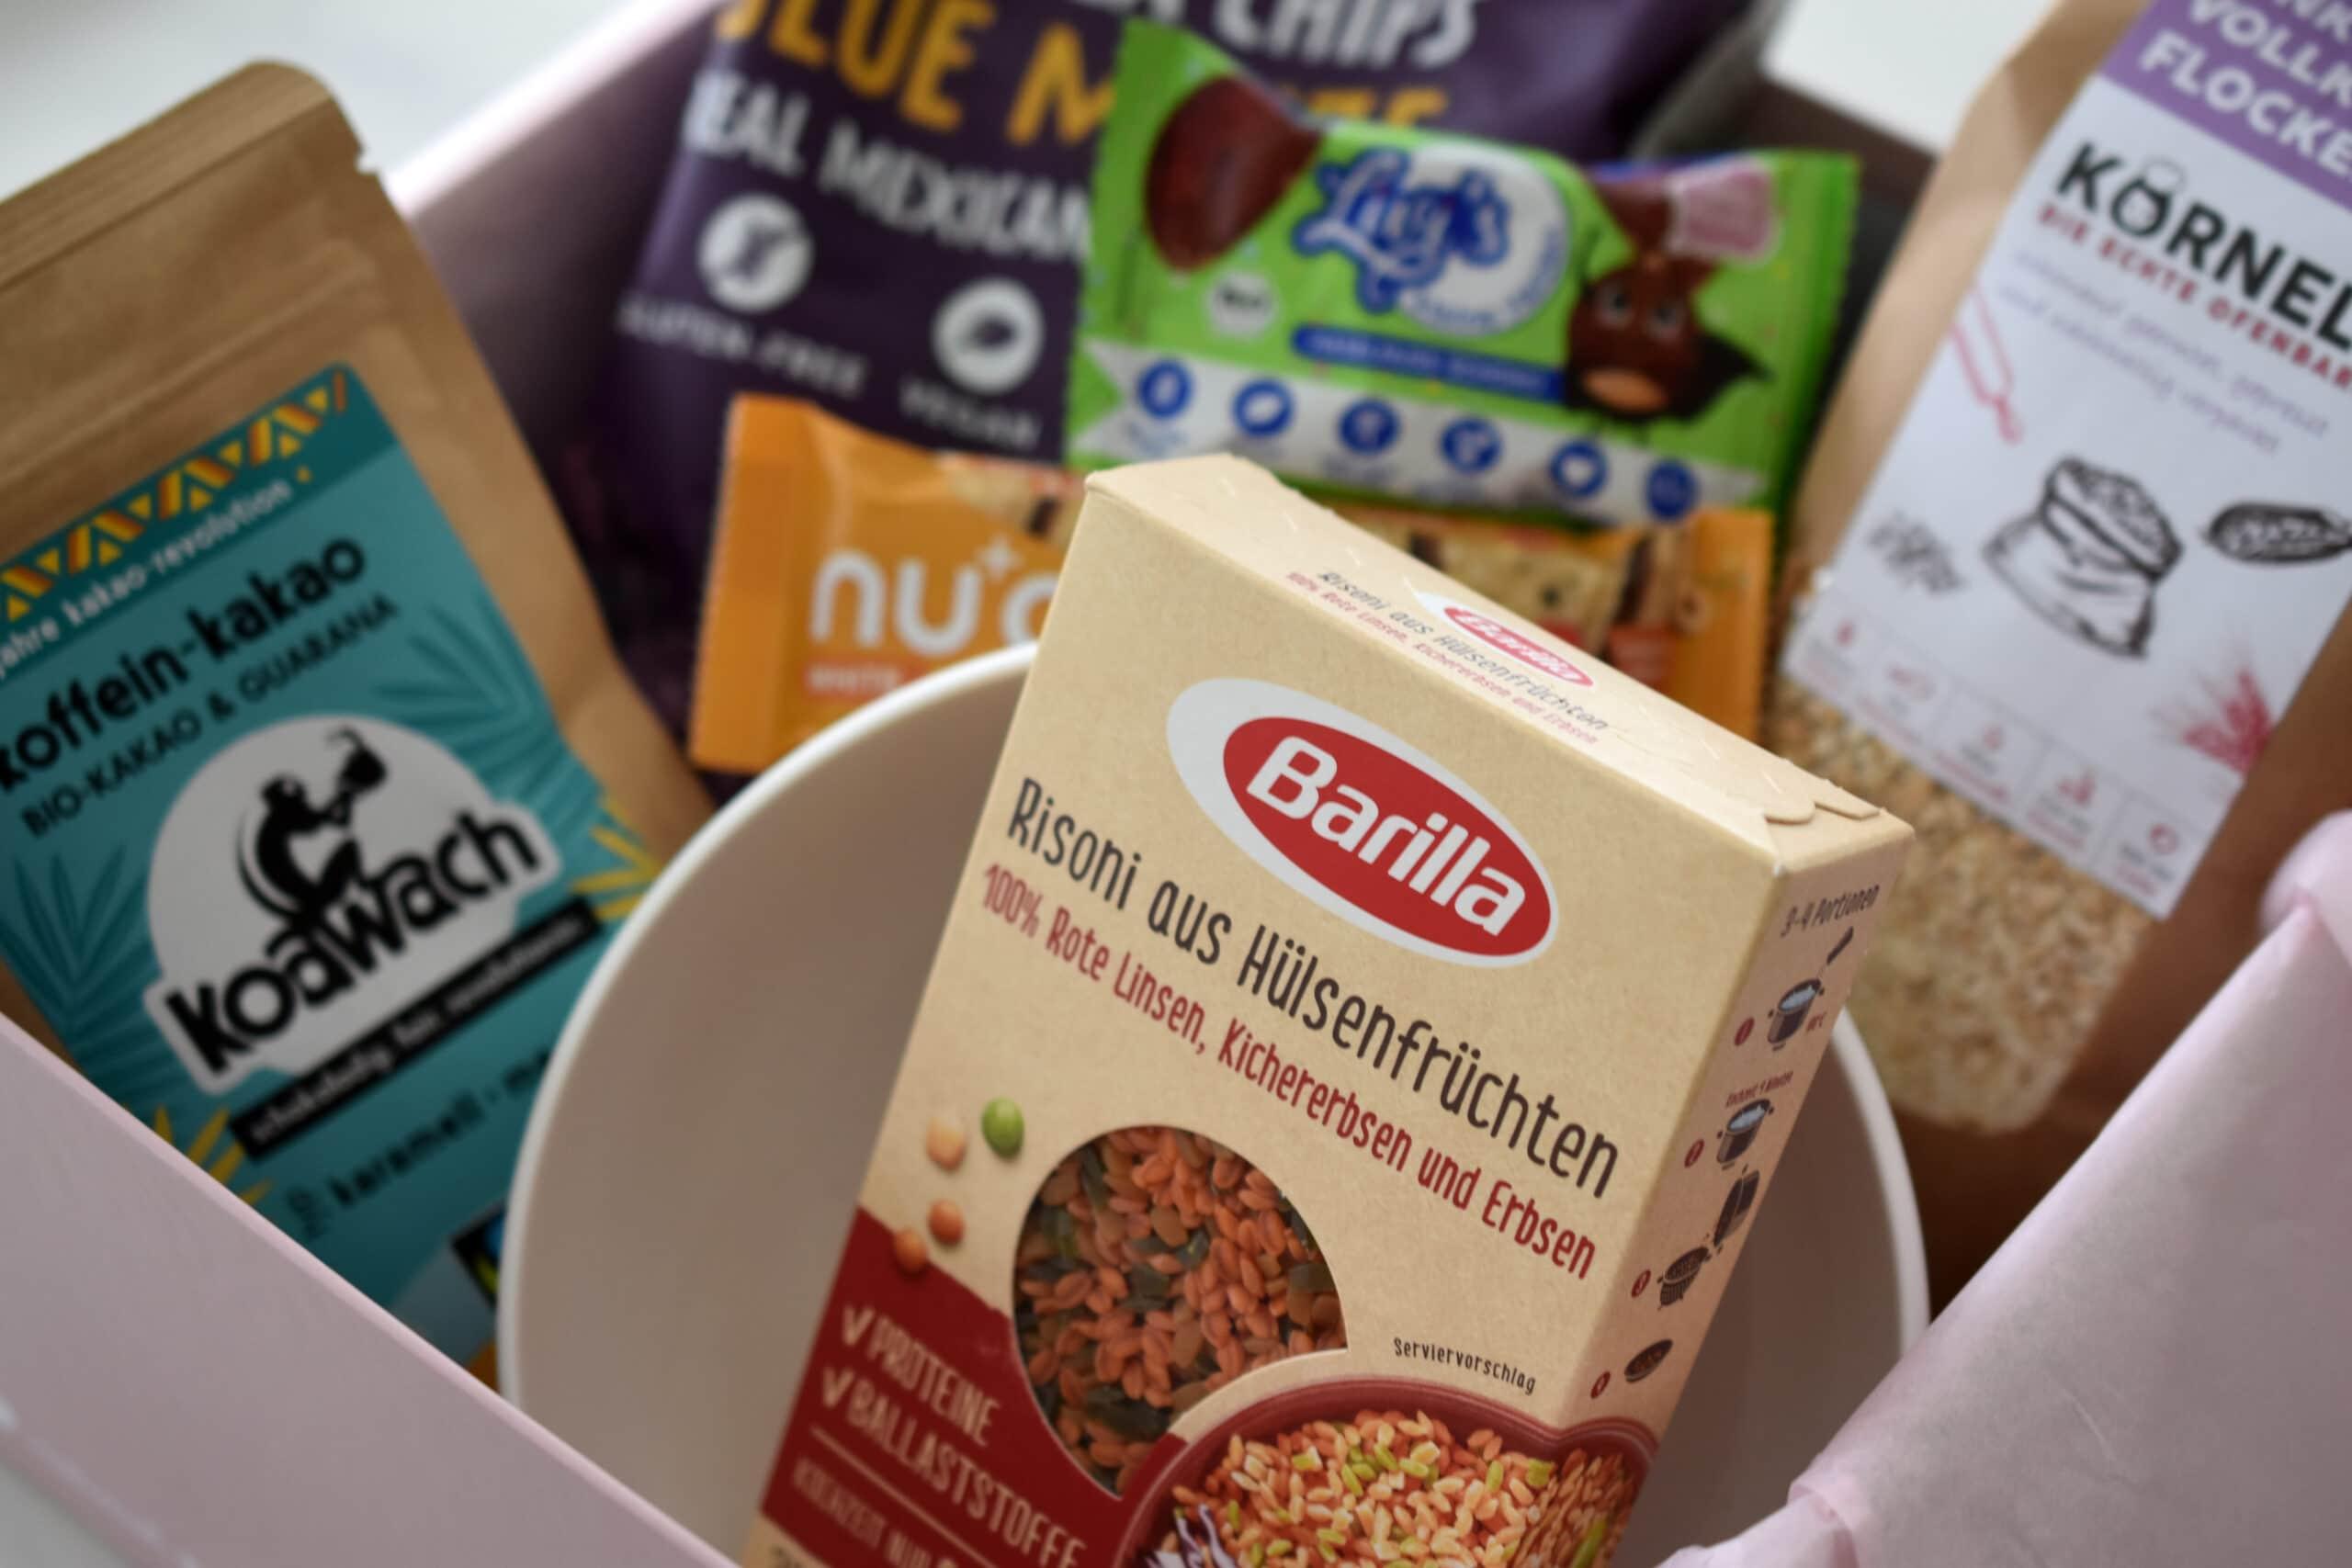 Pam Box Oktober 2020 - Inhalt & Fazit zur 7. Snack Box von Pamela Reif